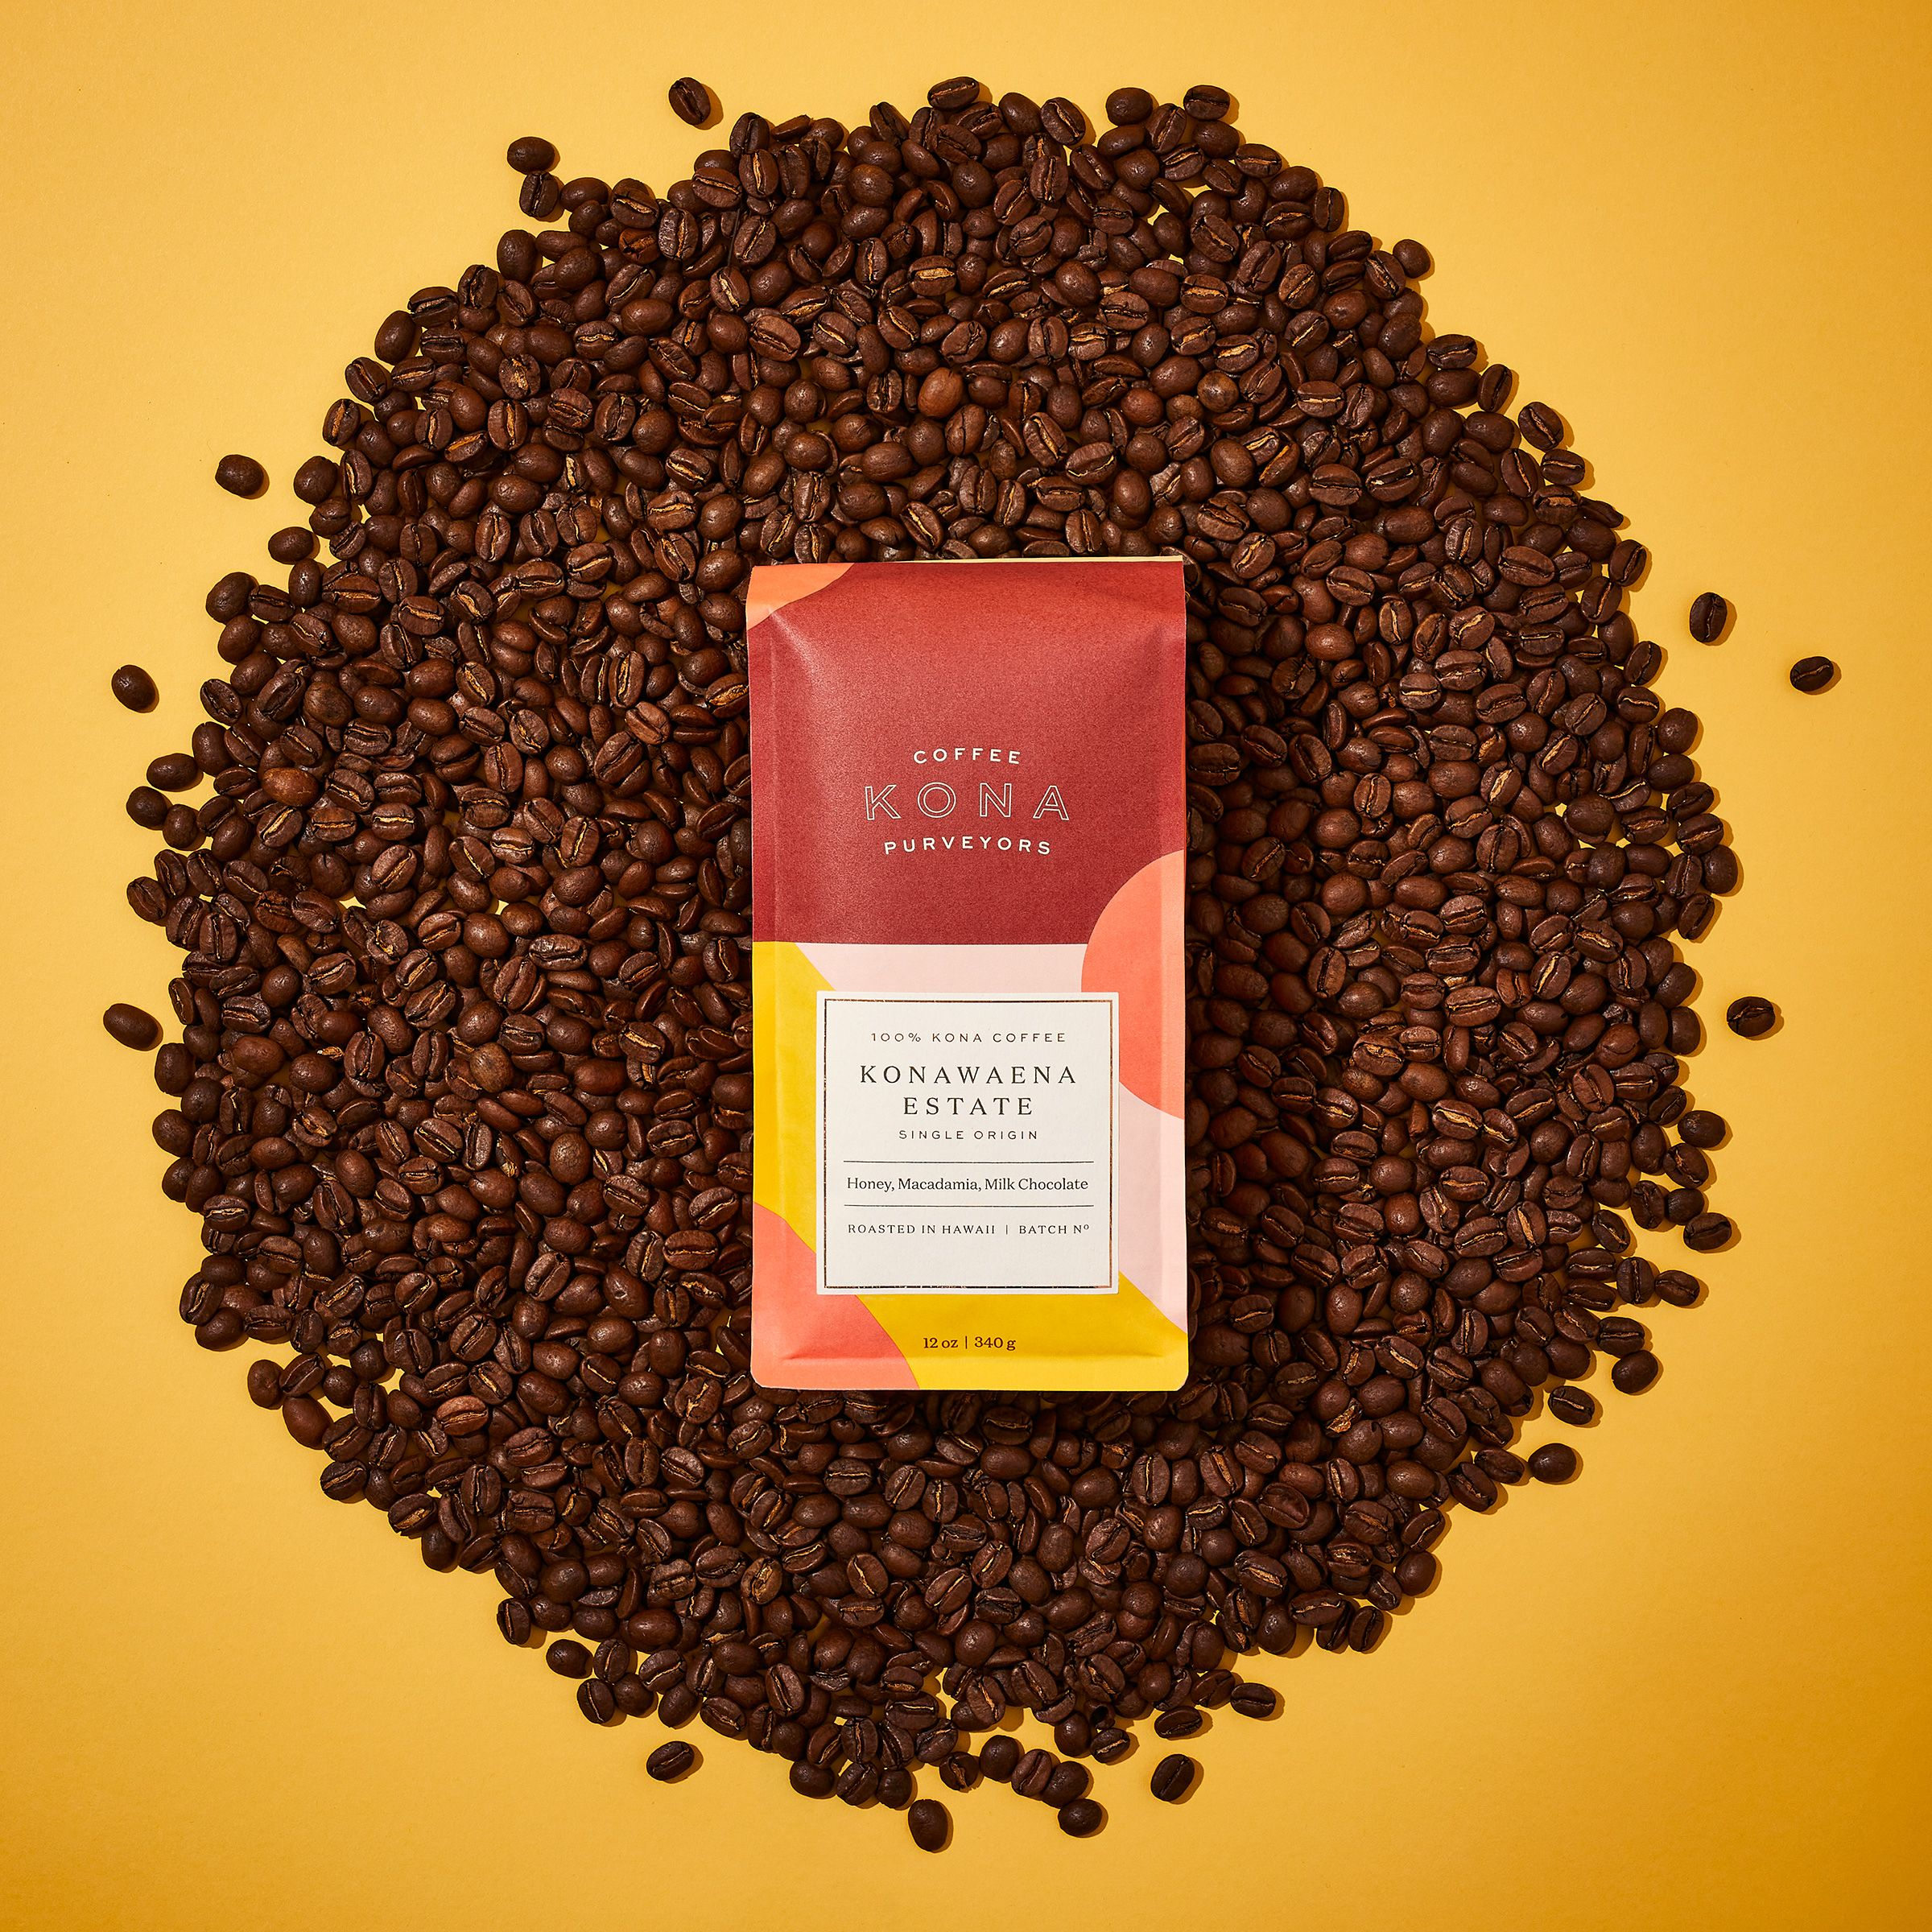 33++ What is kona coffee like ideas